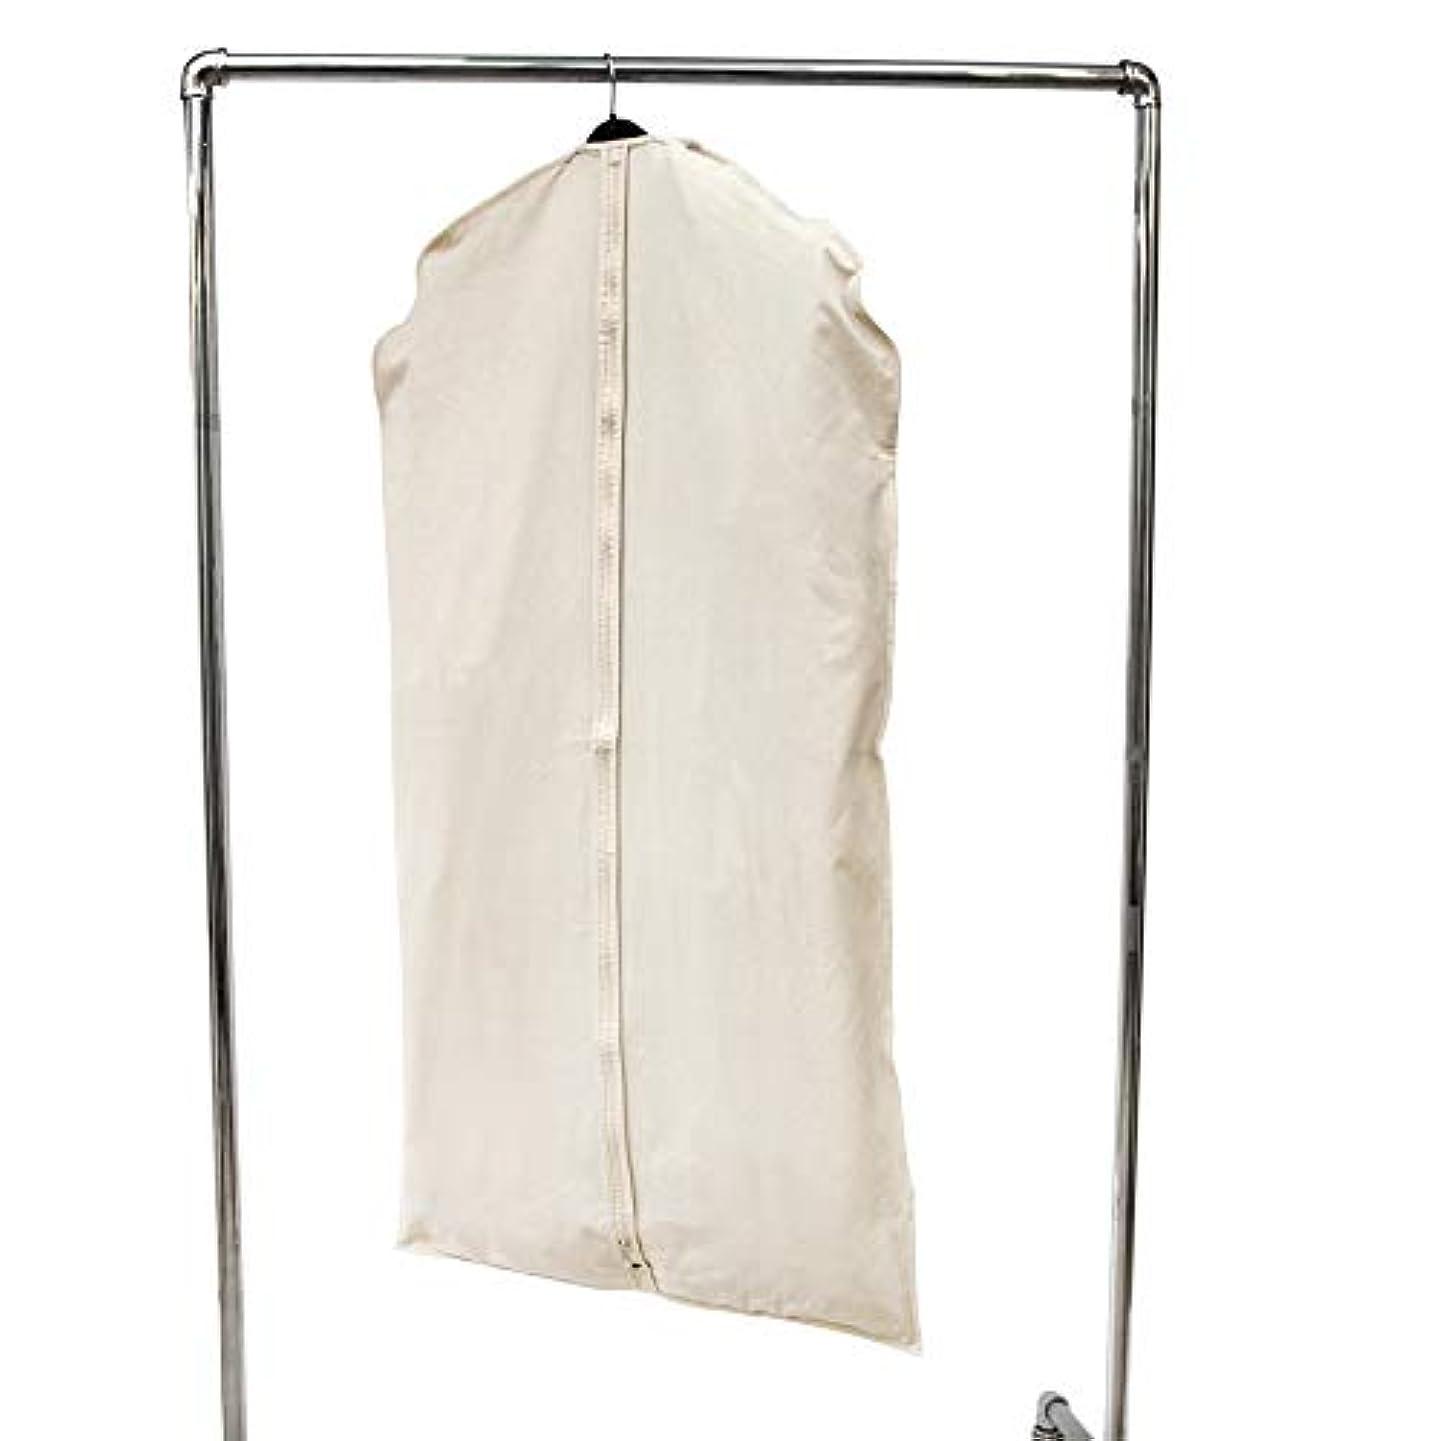 Extra Wide Unbleached 100% Cotton Canvas Long Suit or Coat Bag